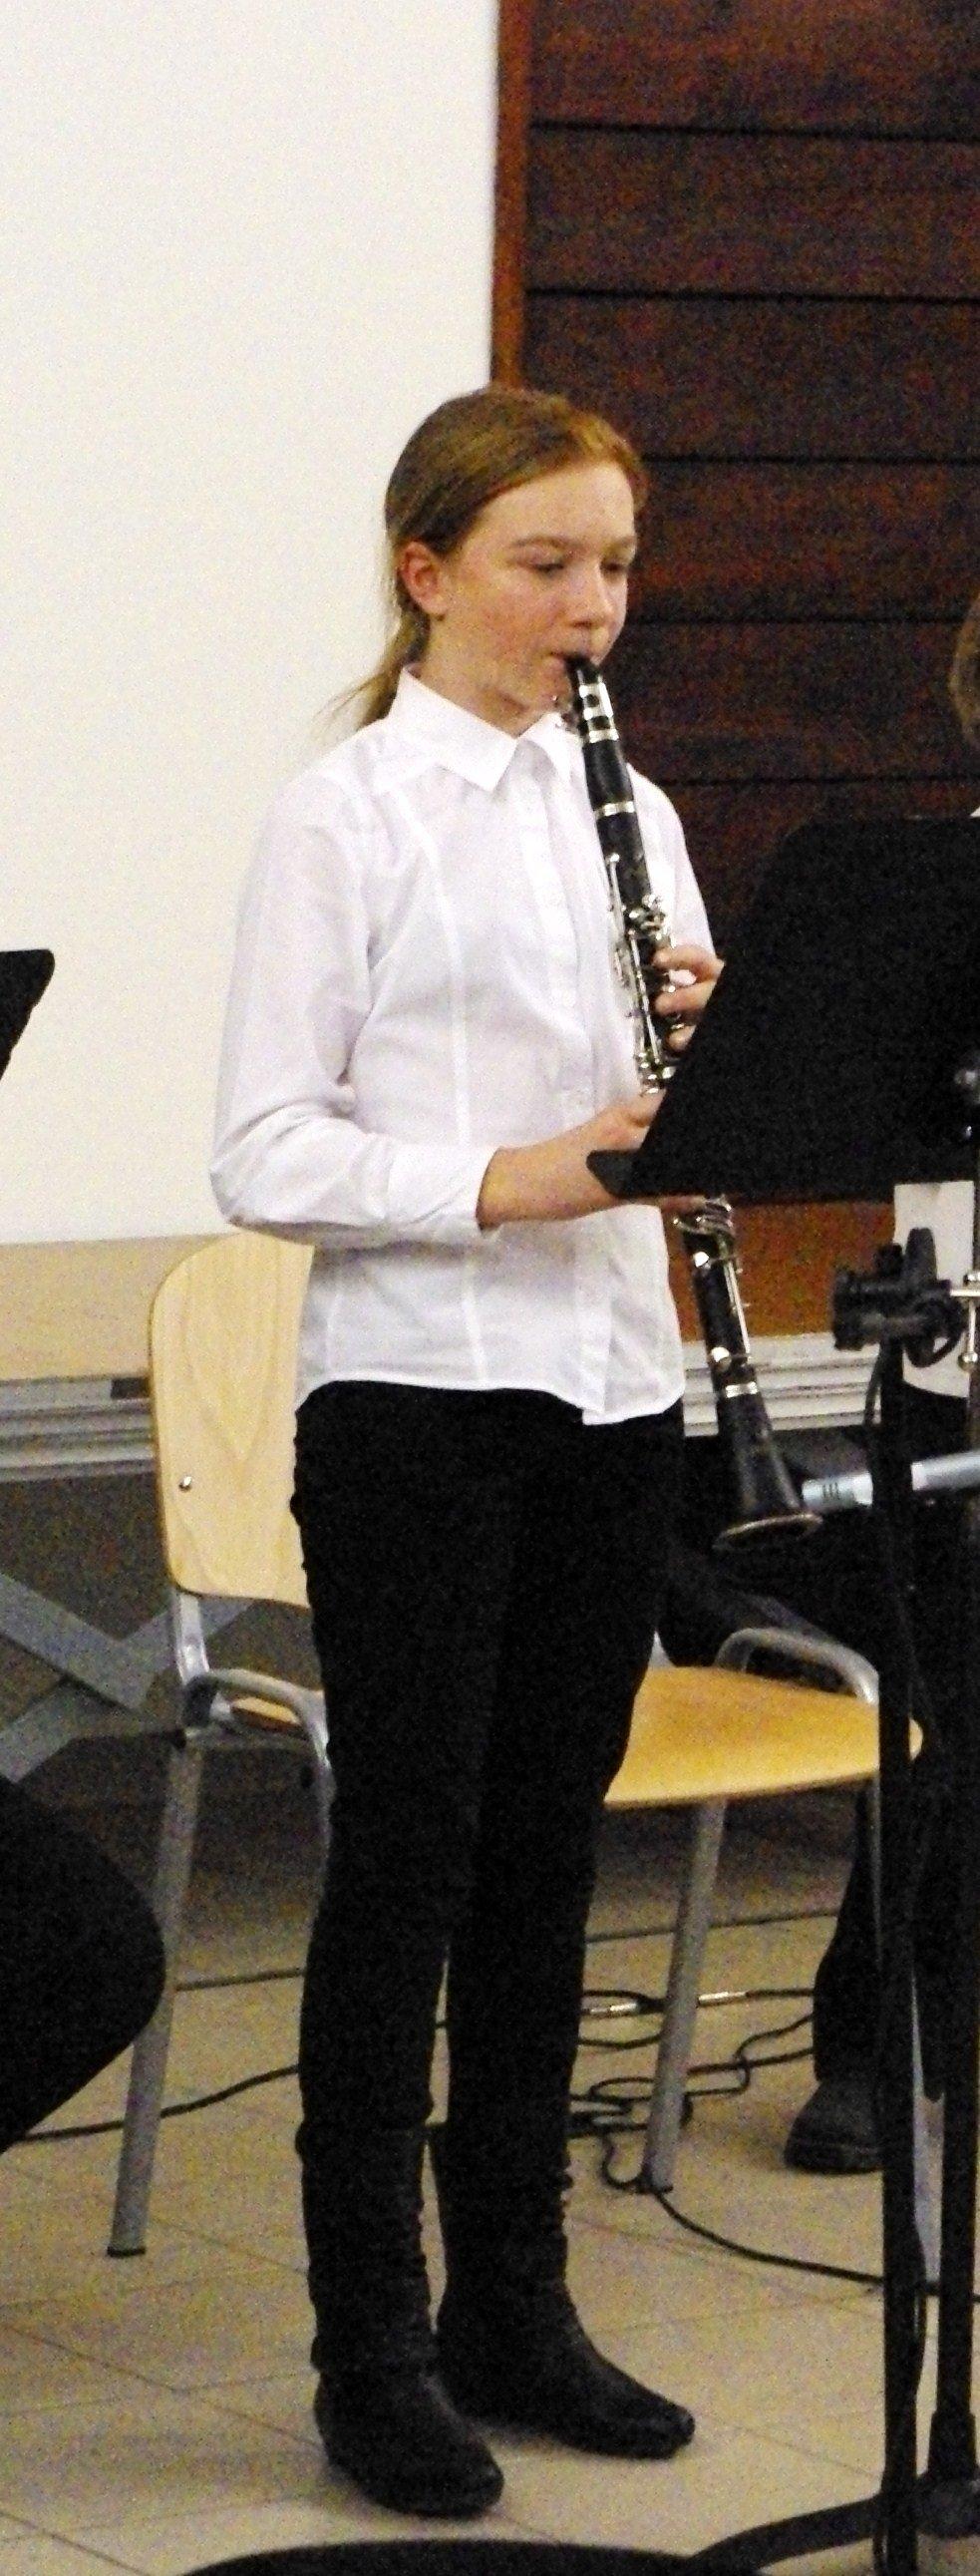 auditionbeuvry 2011 dans Musique